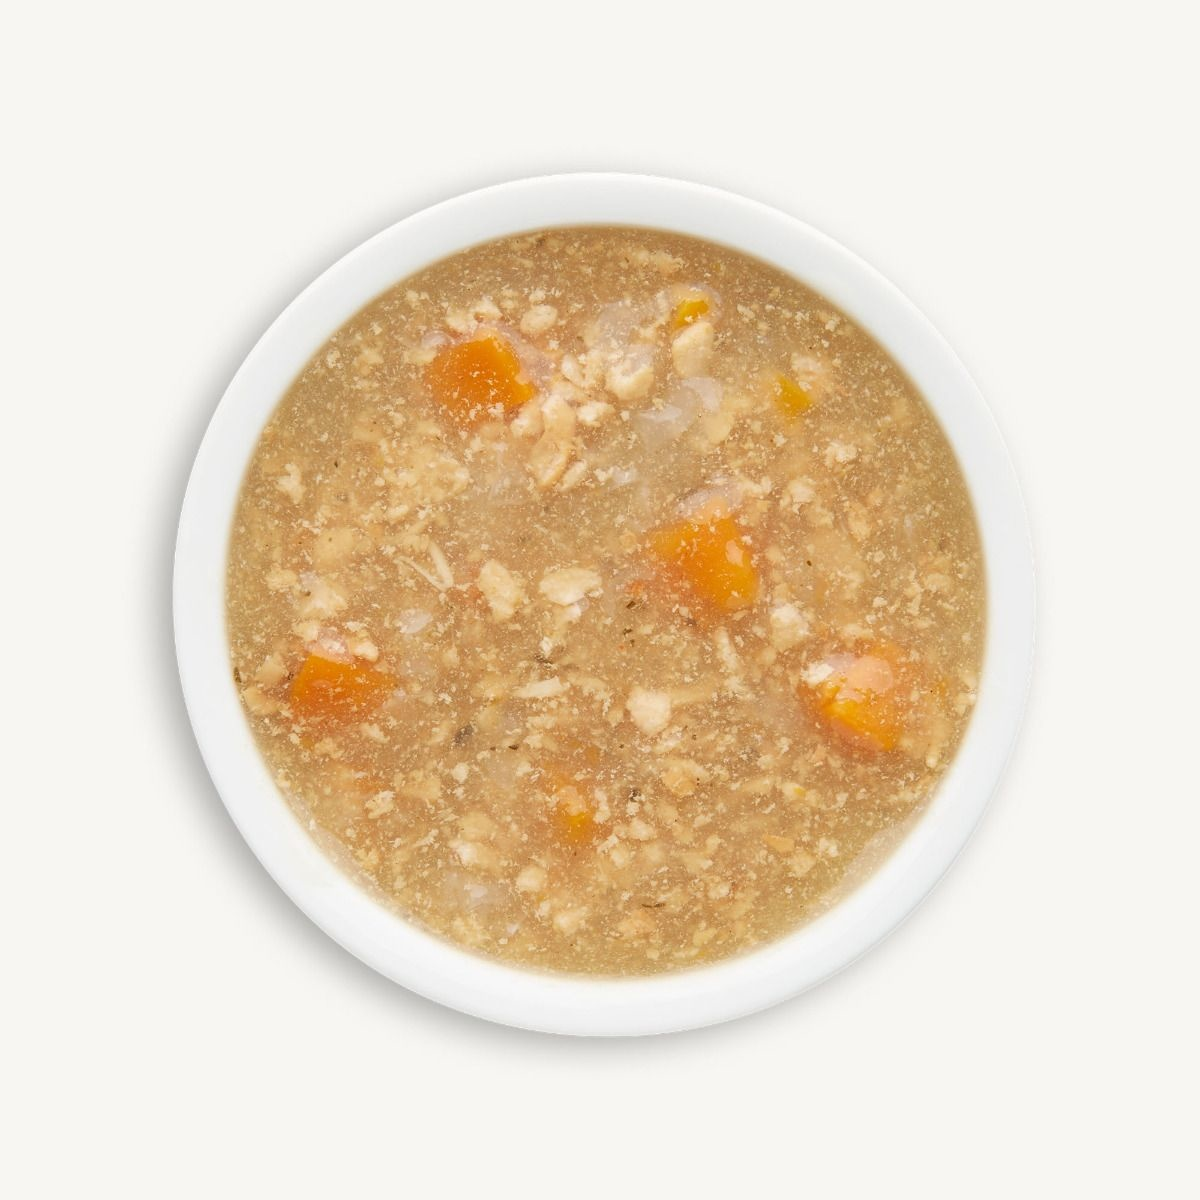 The Honest Kitchen Honest Kitchen Bone Broth Pour Overs Chicken Stew 5.5oz Carton